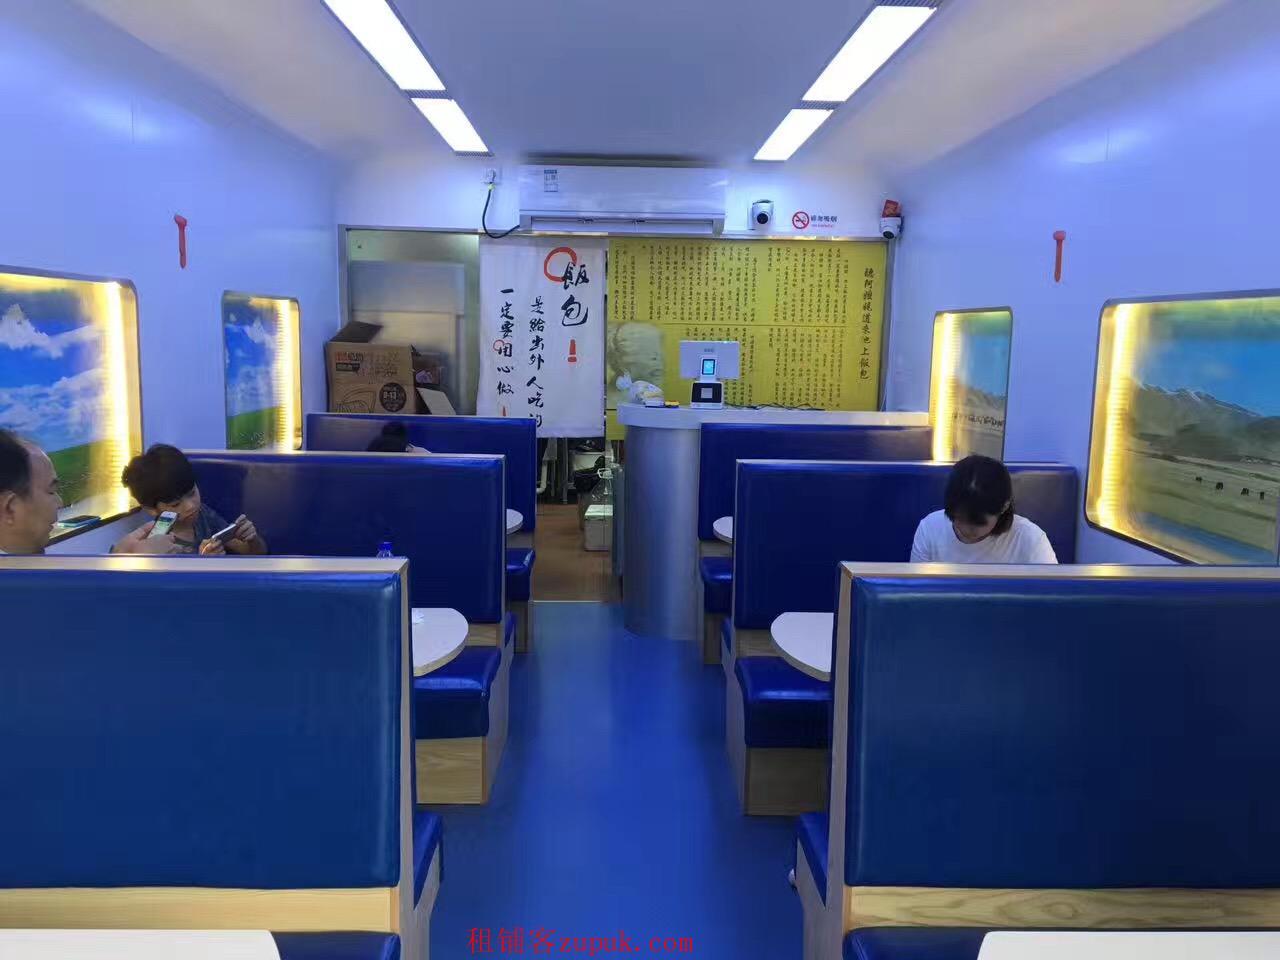 旺铺转让(招租) 福田华强北振中路100号